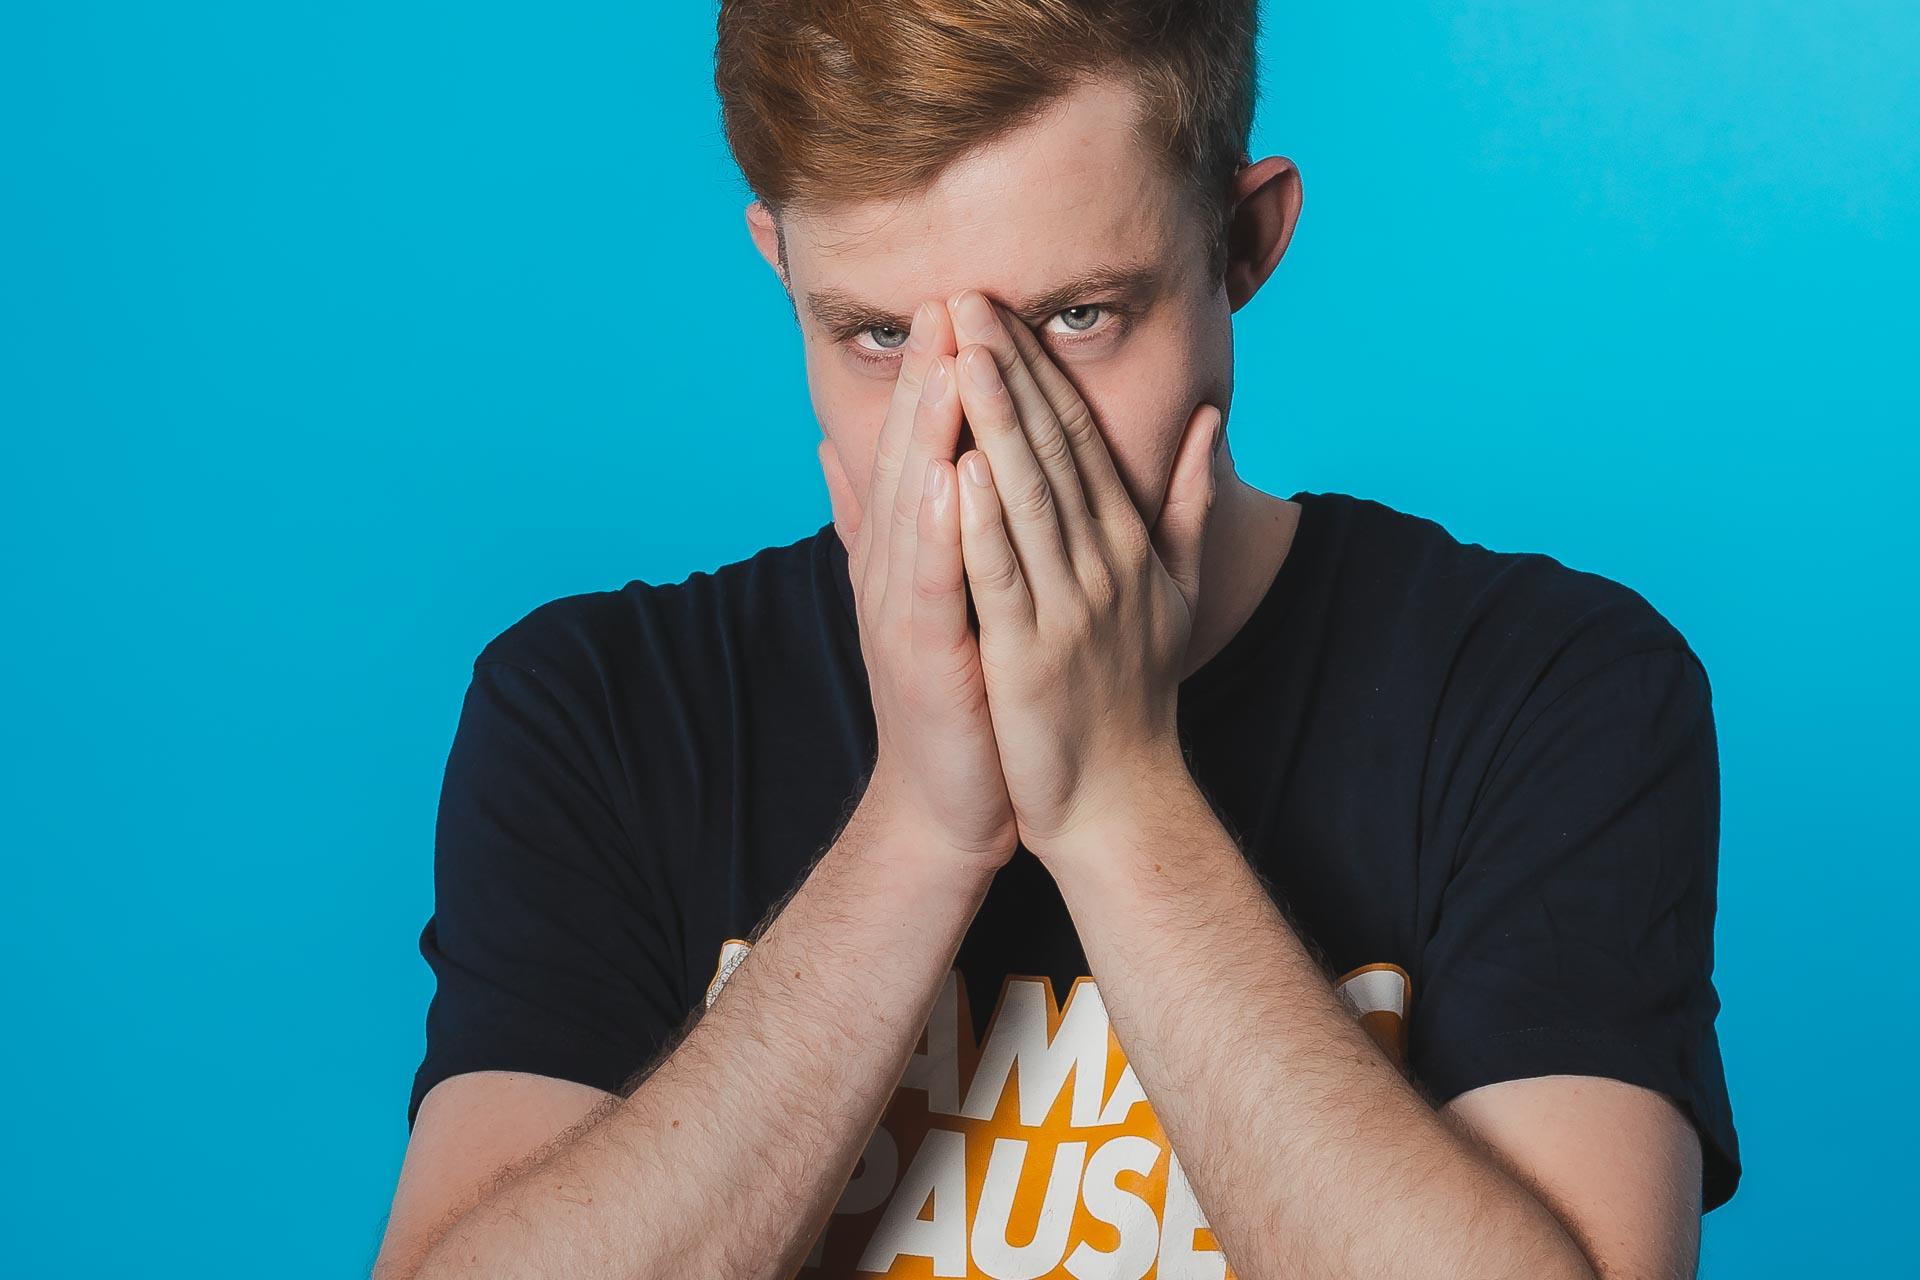 Männer Portraitshooting, Ginger